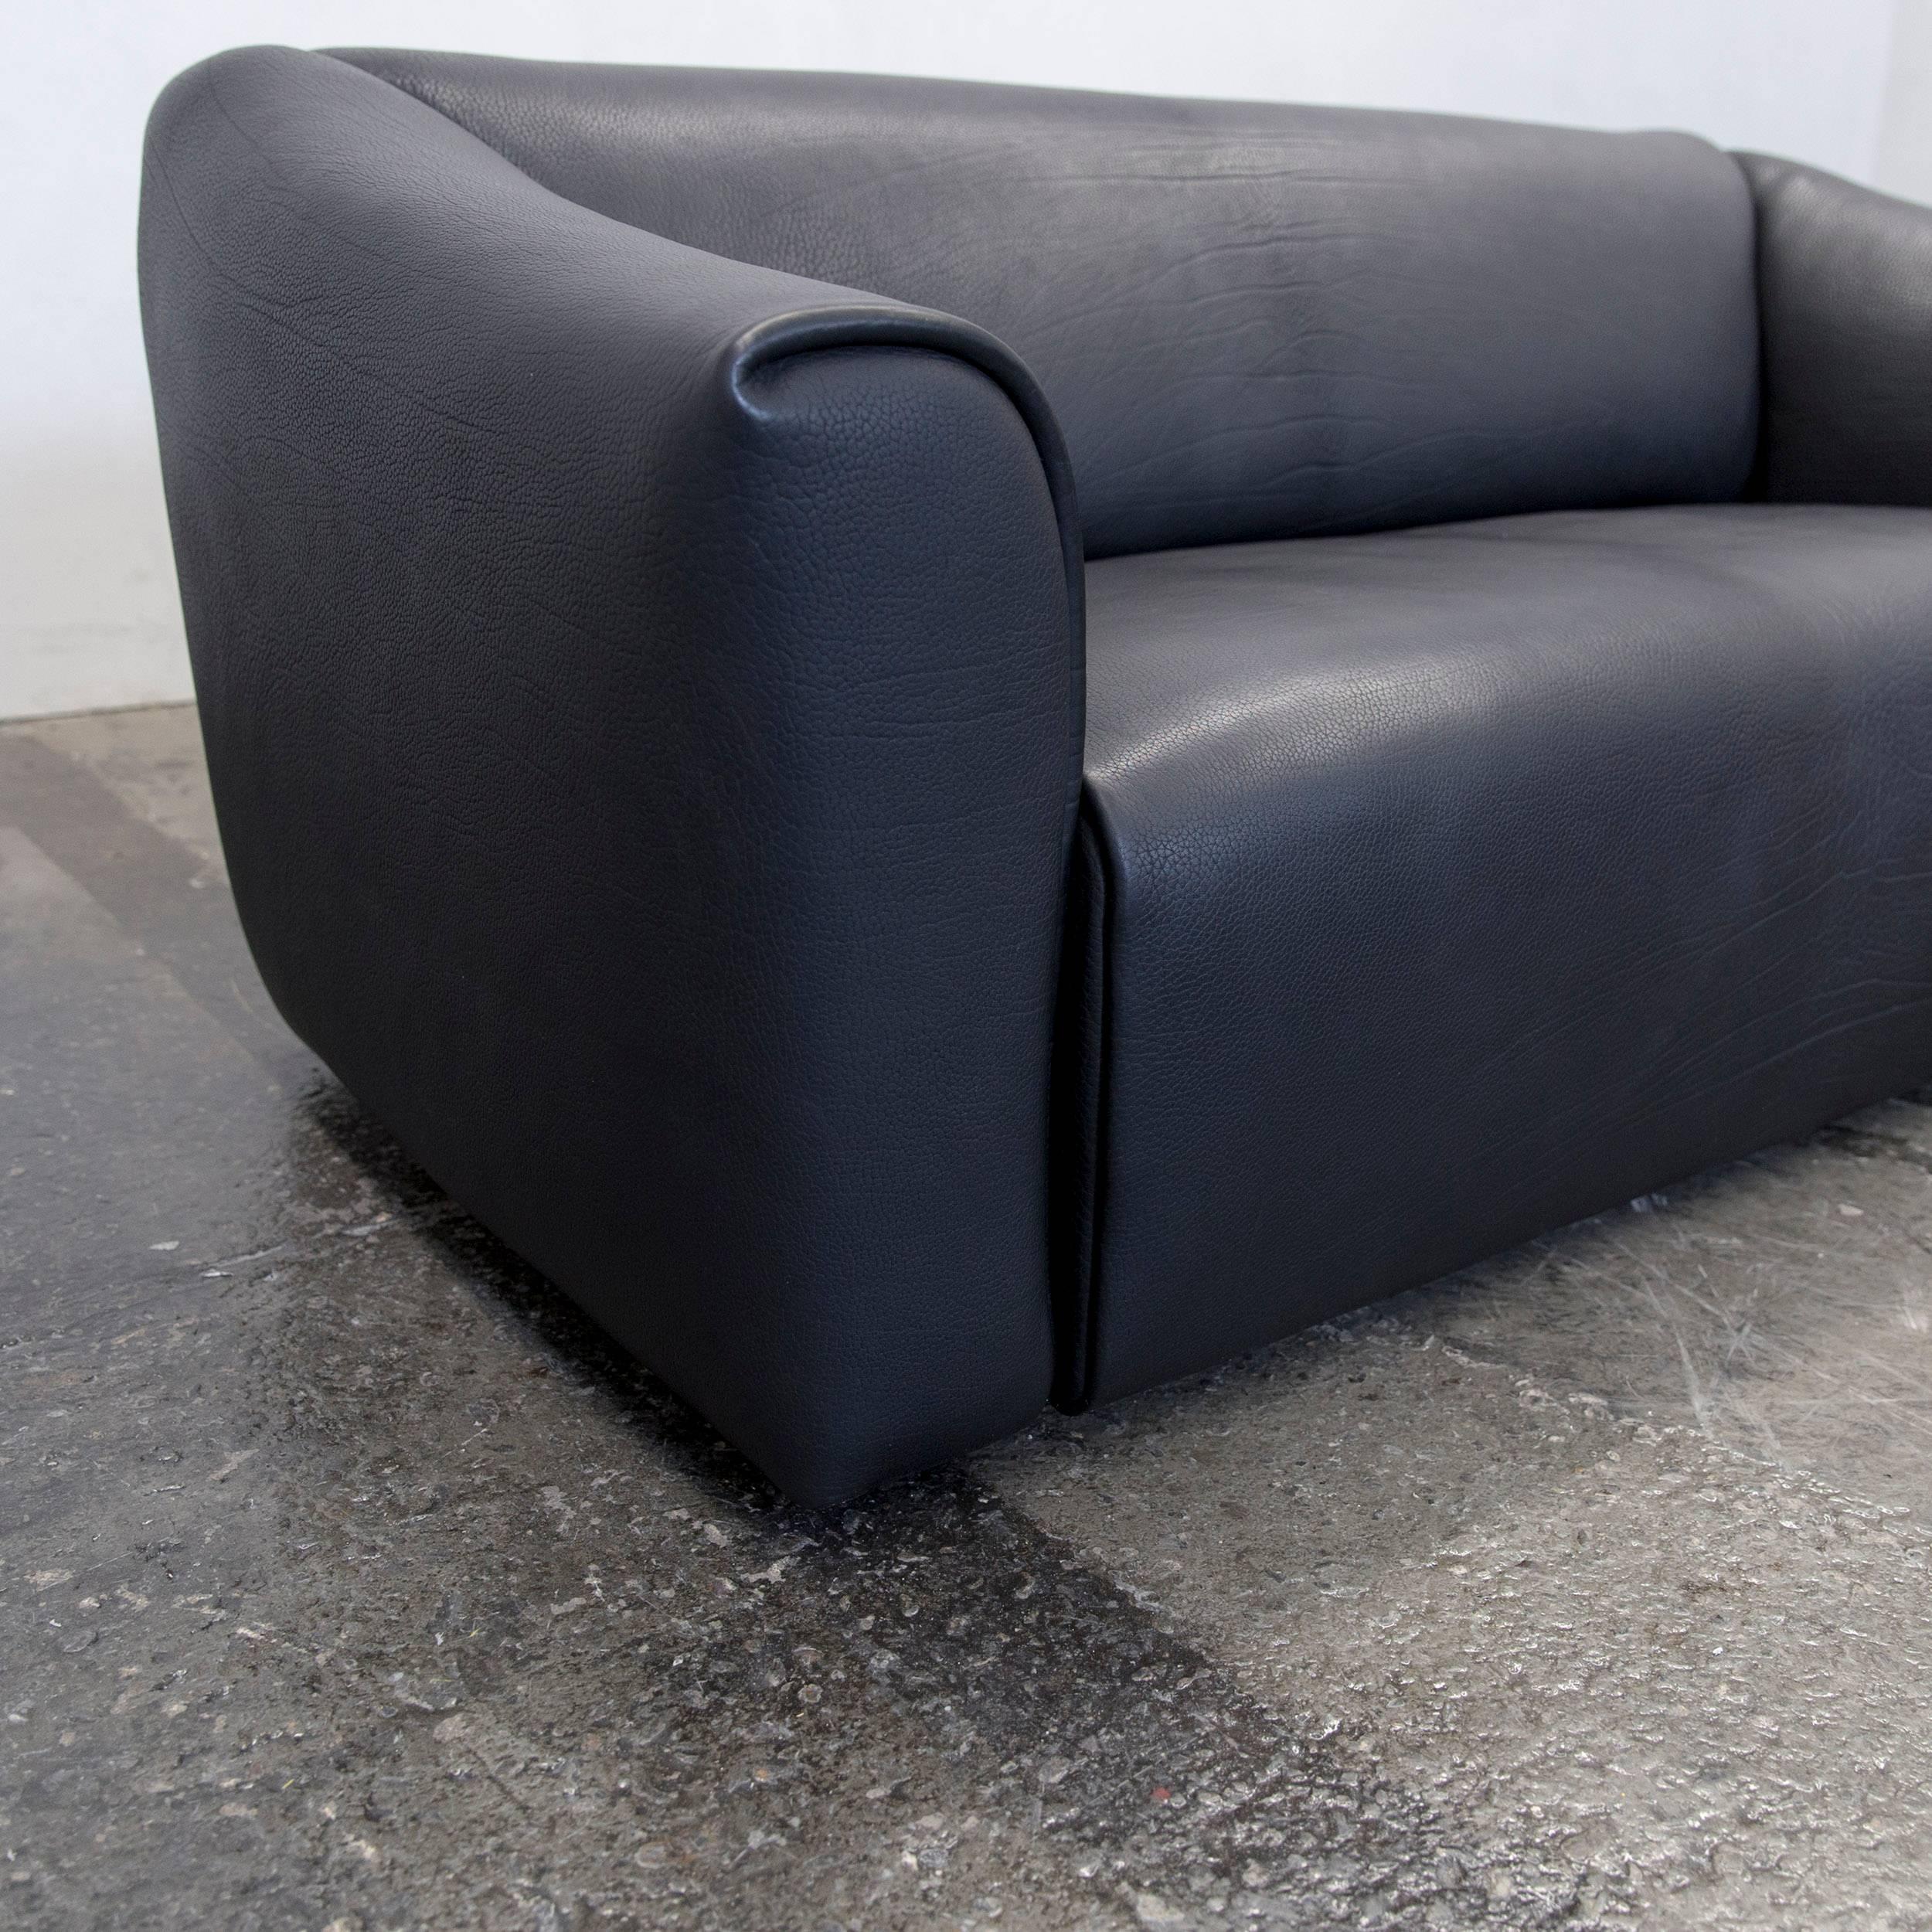 designer sofas gebraucht stunning rolf benz sessel gebraucht luxury rolf benz nova designer. Black Bedroom Furniture Sets. Home Design Ideas